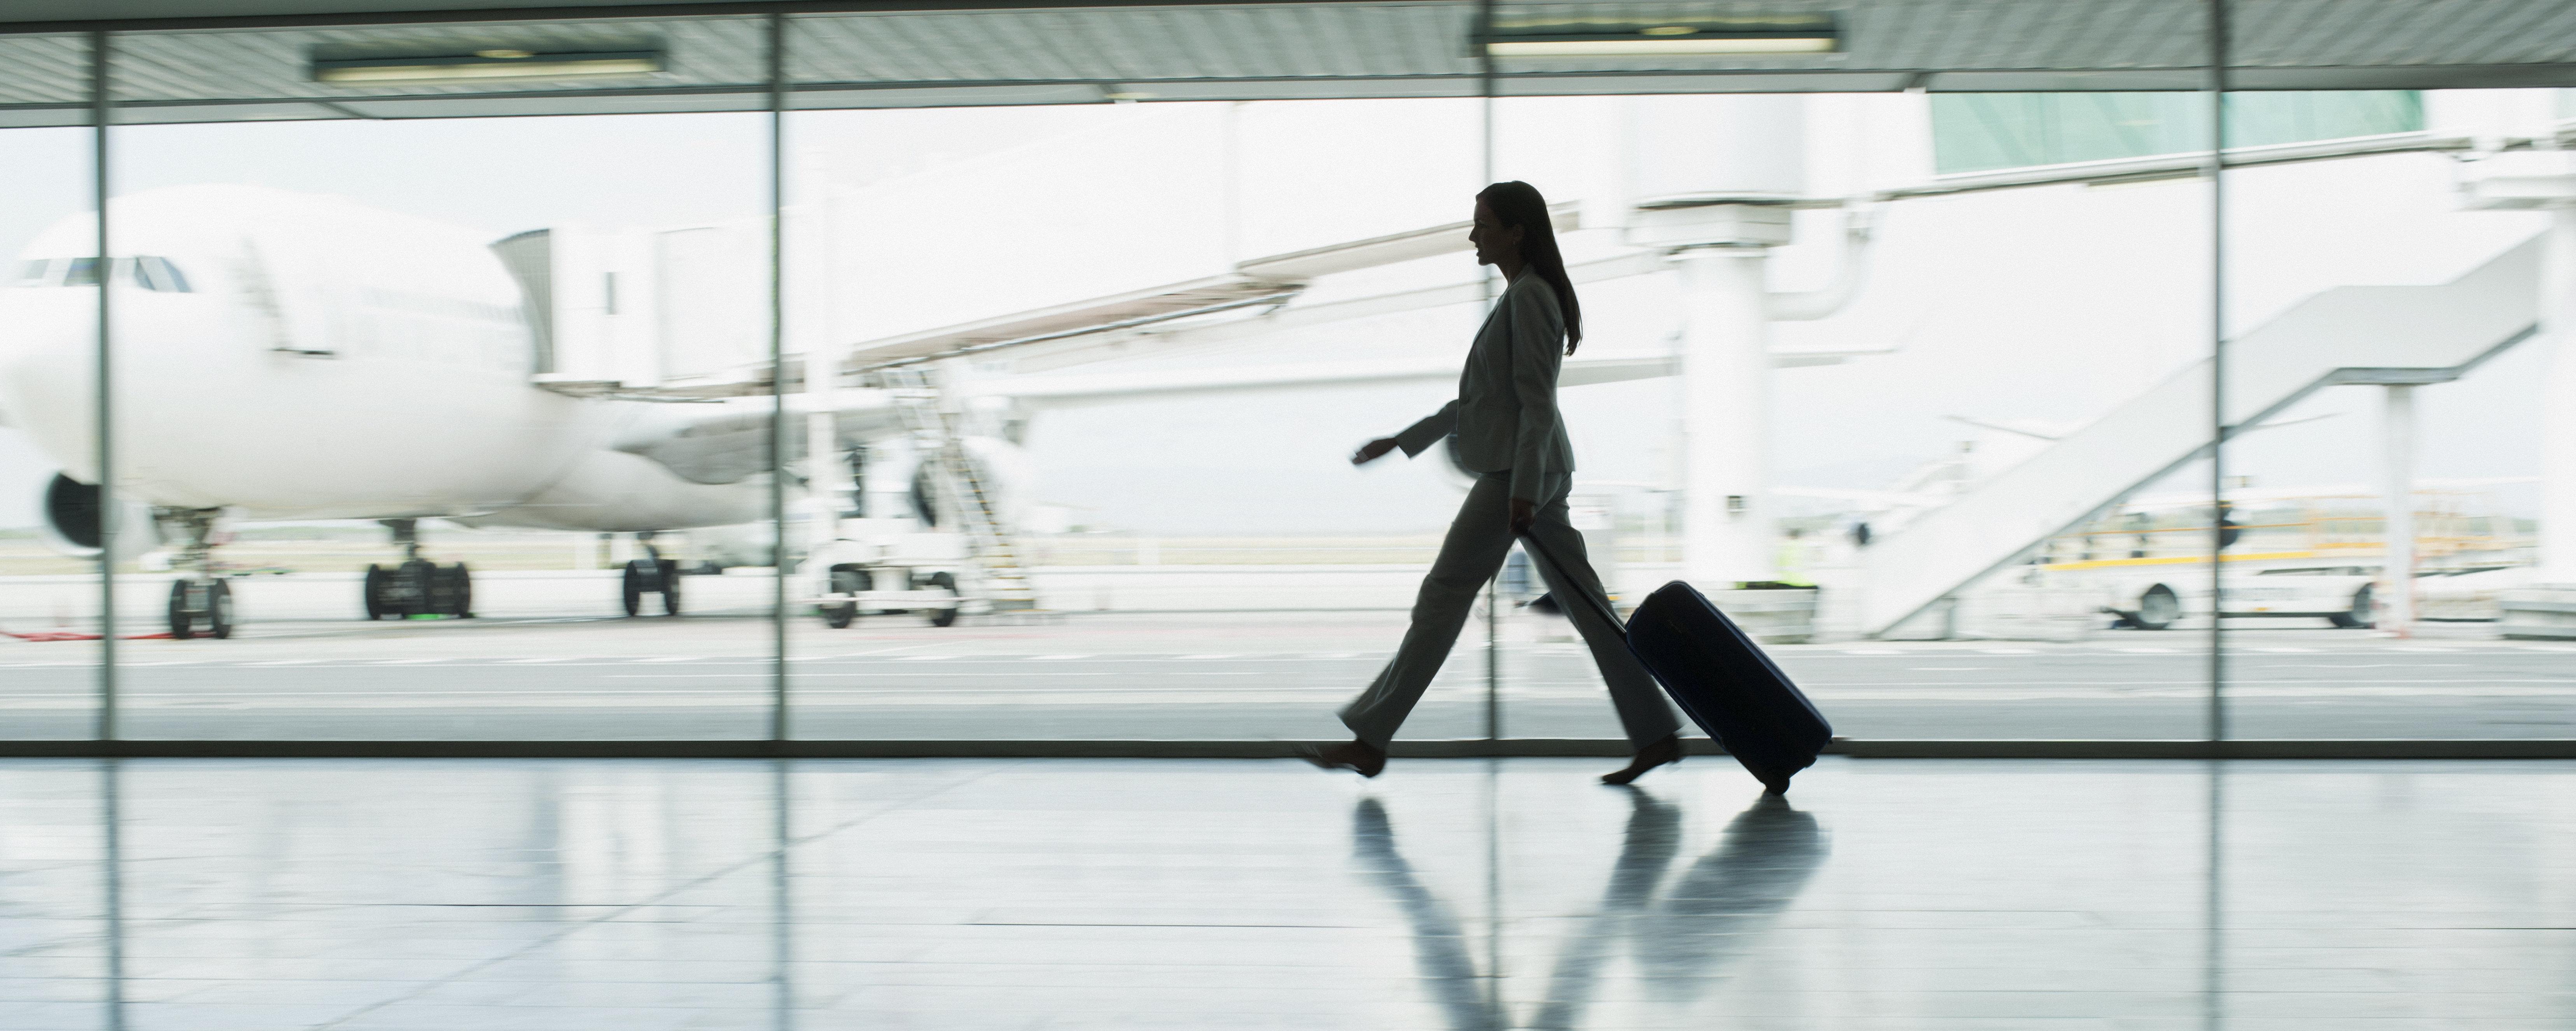 世界の空港ランキング、羽田空港が2位。「世界一清潔な空港」も受賞